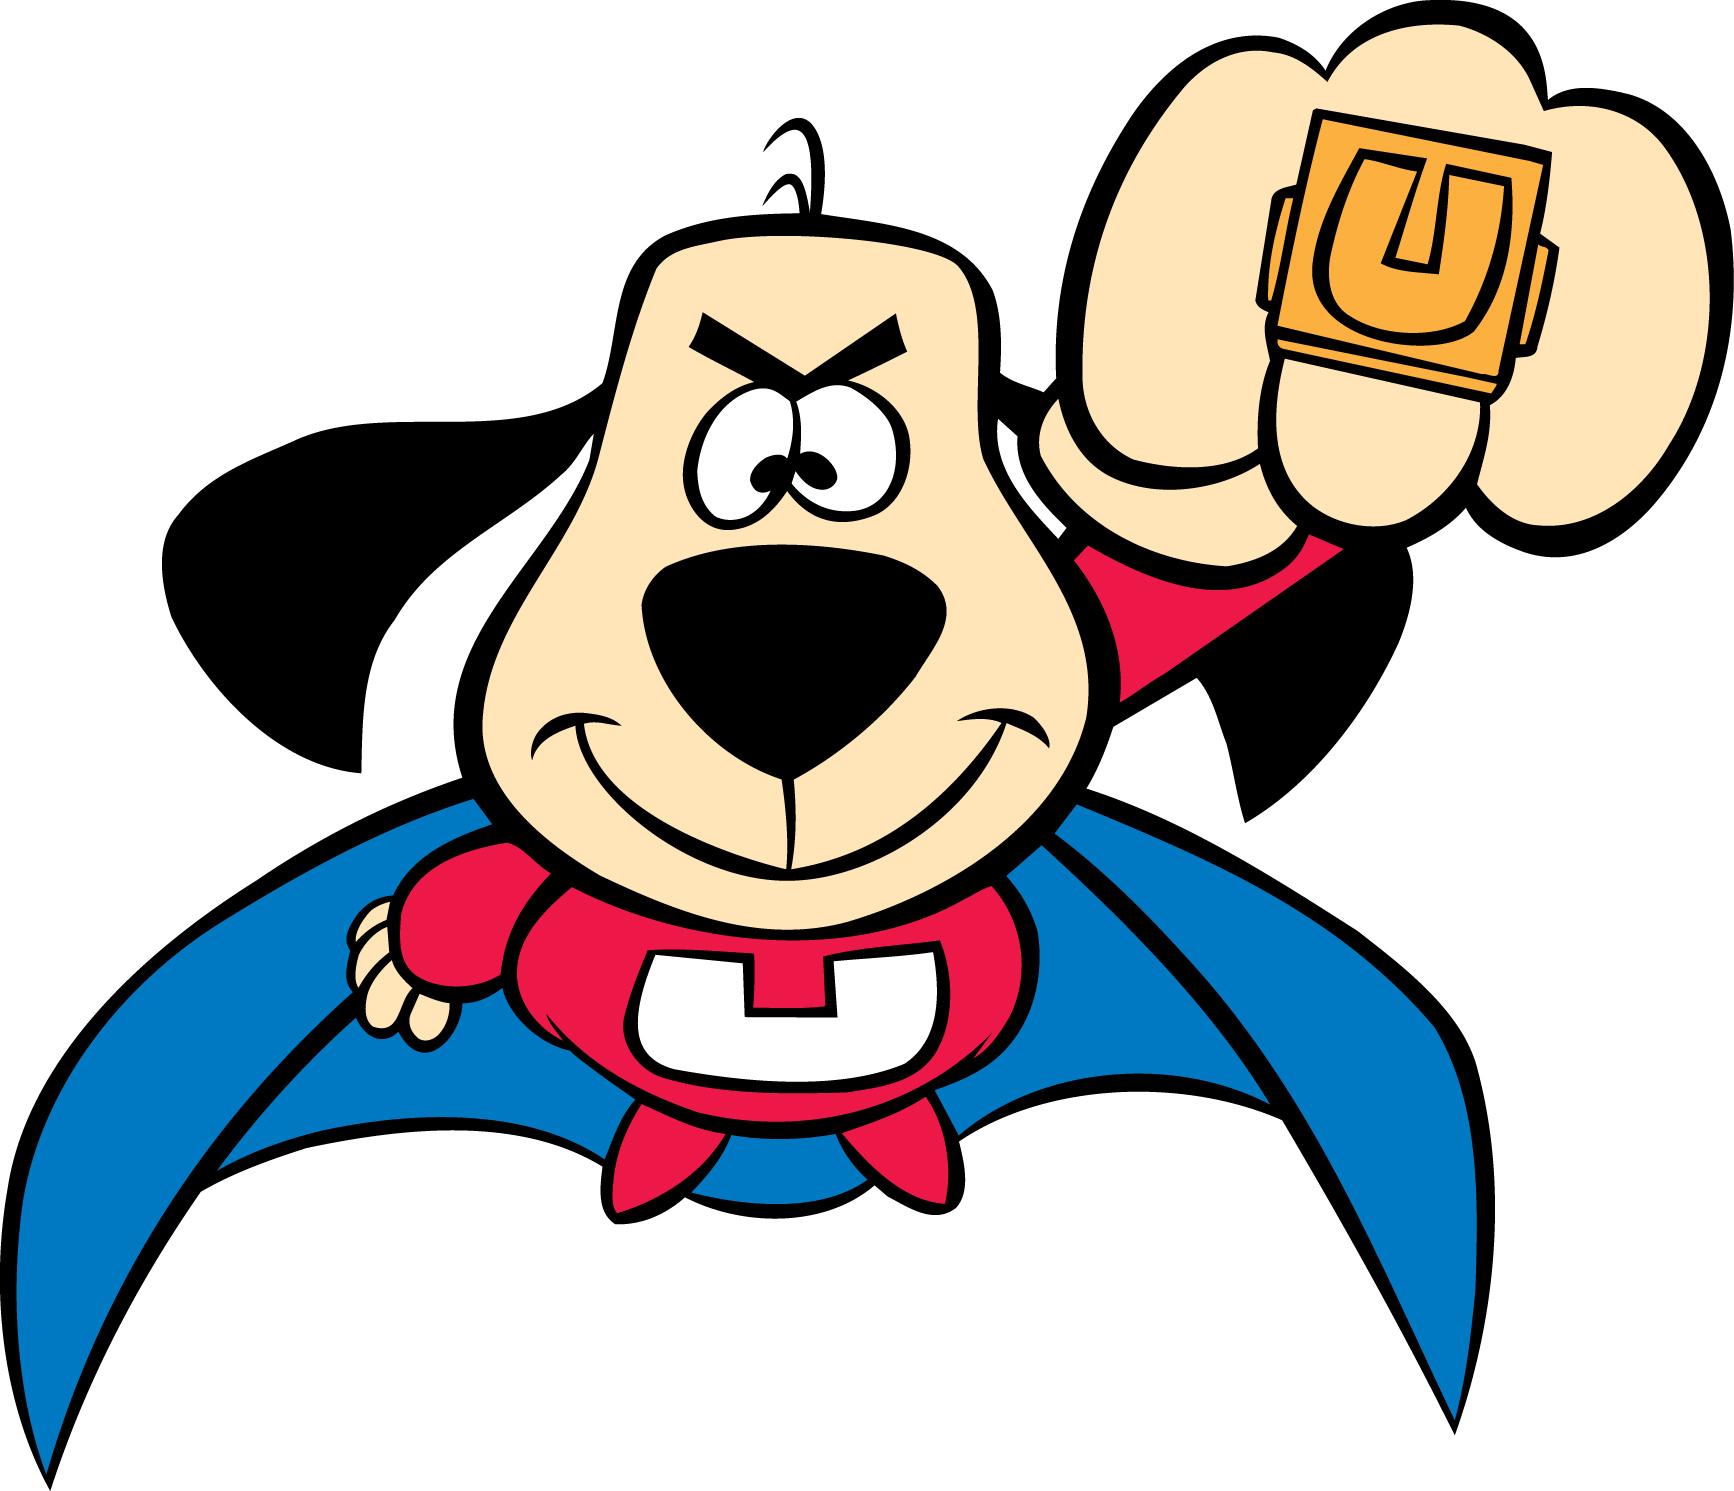 Super Dog Mascot